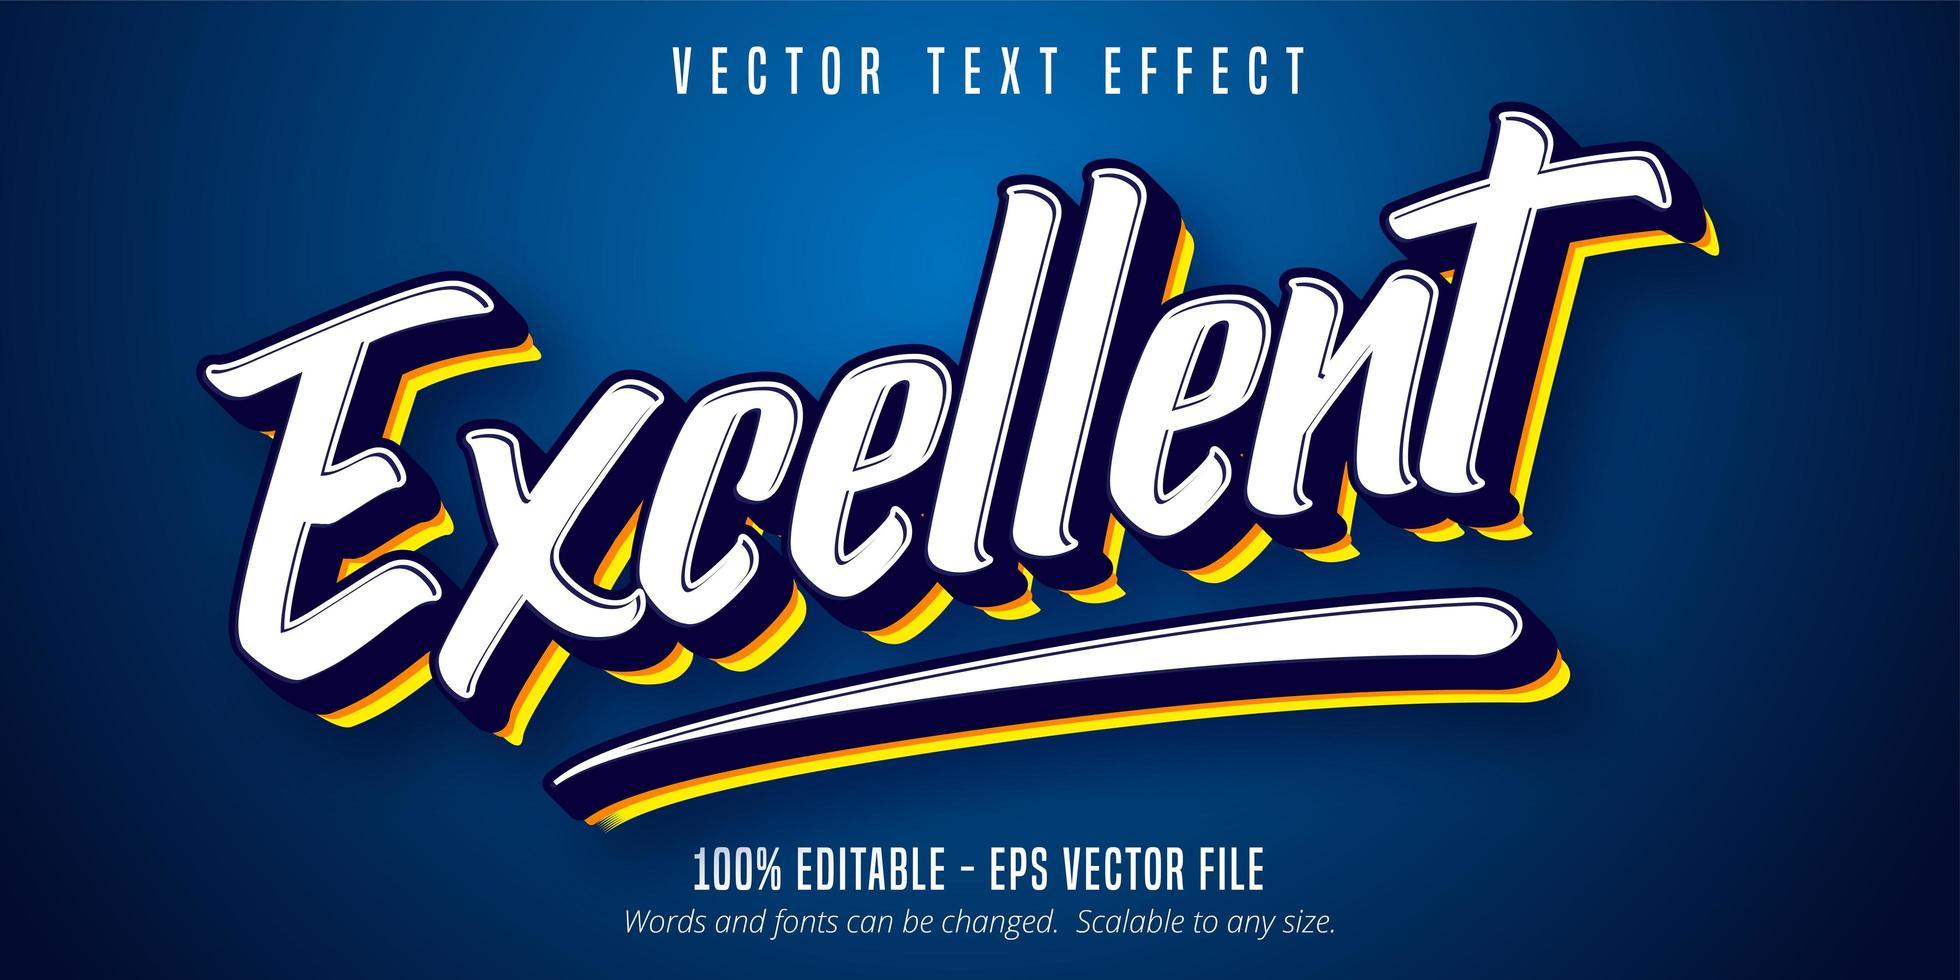 excelente efeito de texto de script vetor